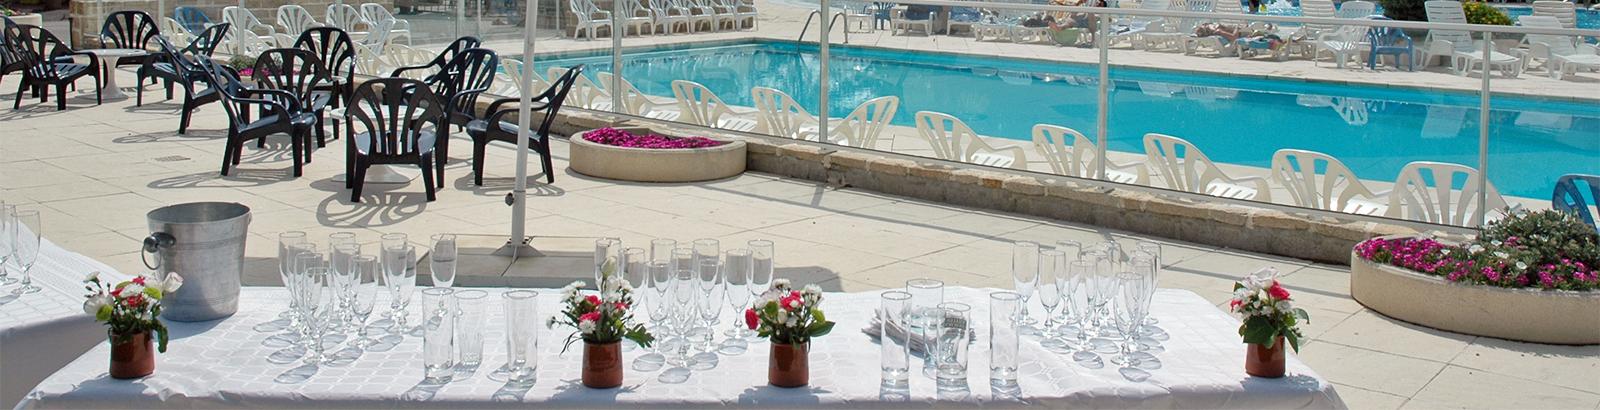 Terrasse mit Blick auf den Aquabereich für Cocktails